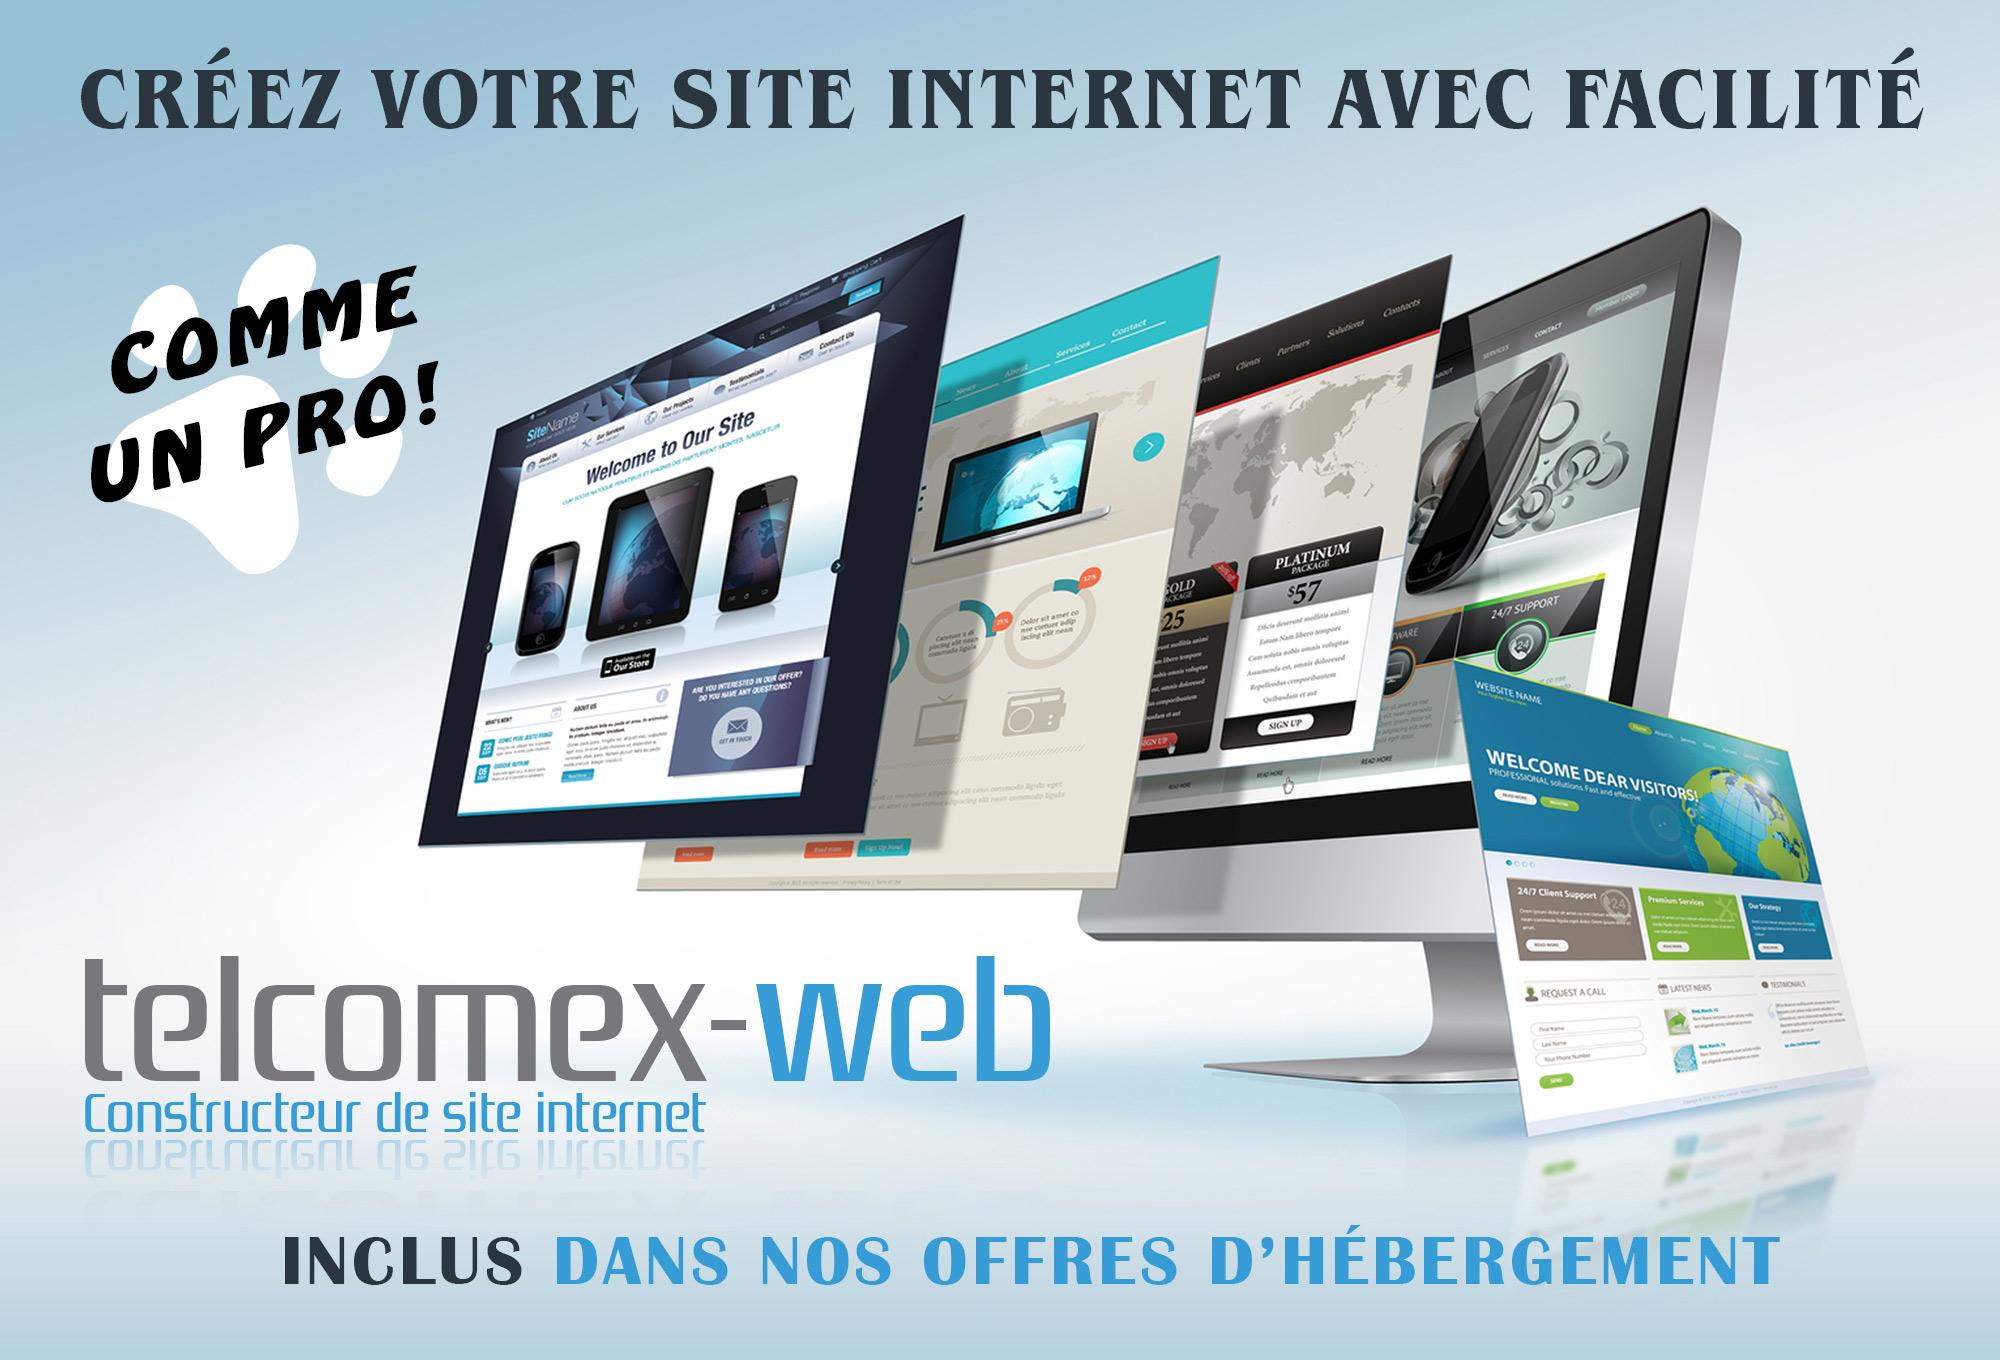 Telcomex-web créateur de site (inclus)